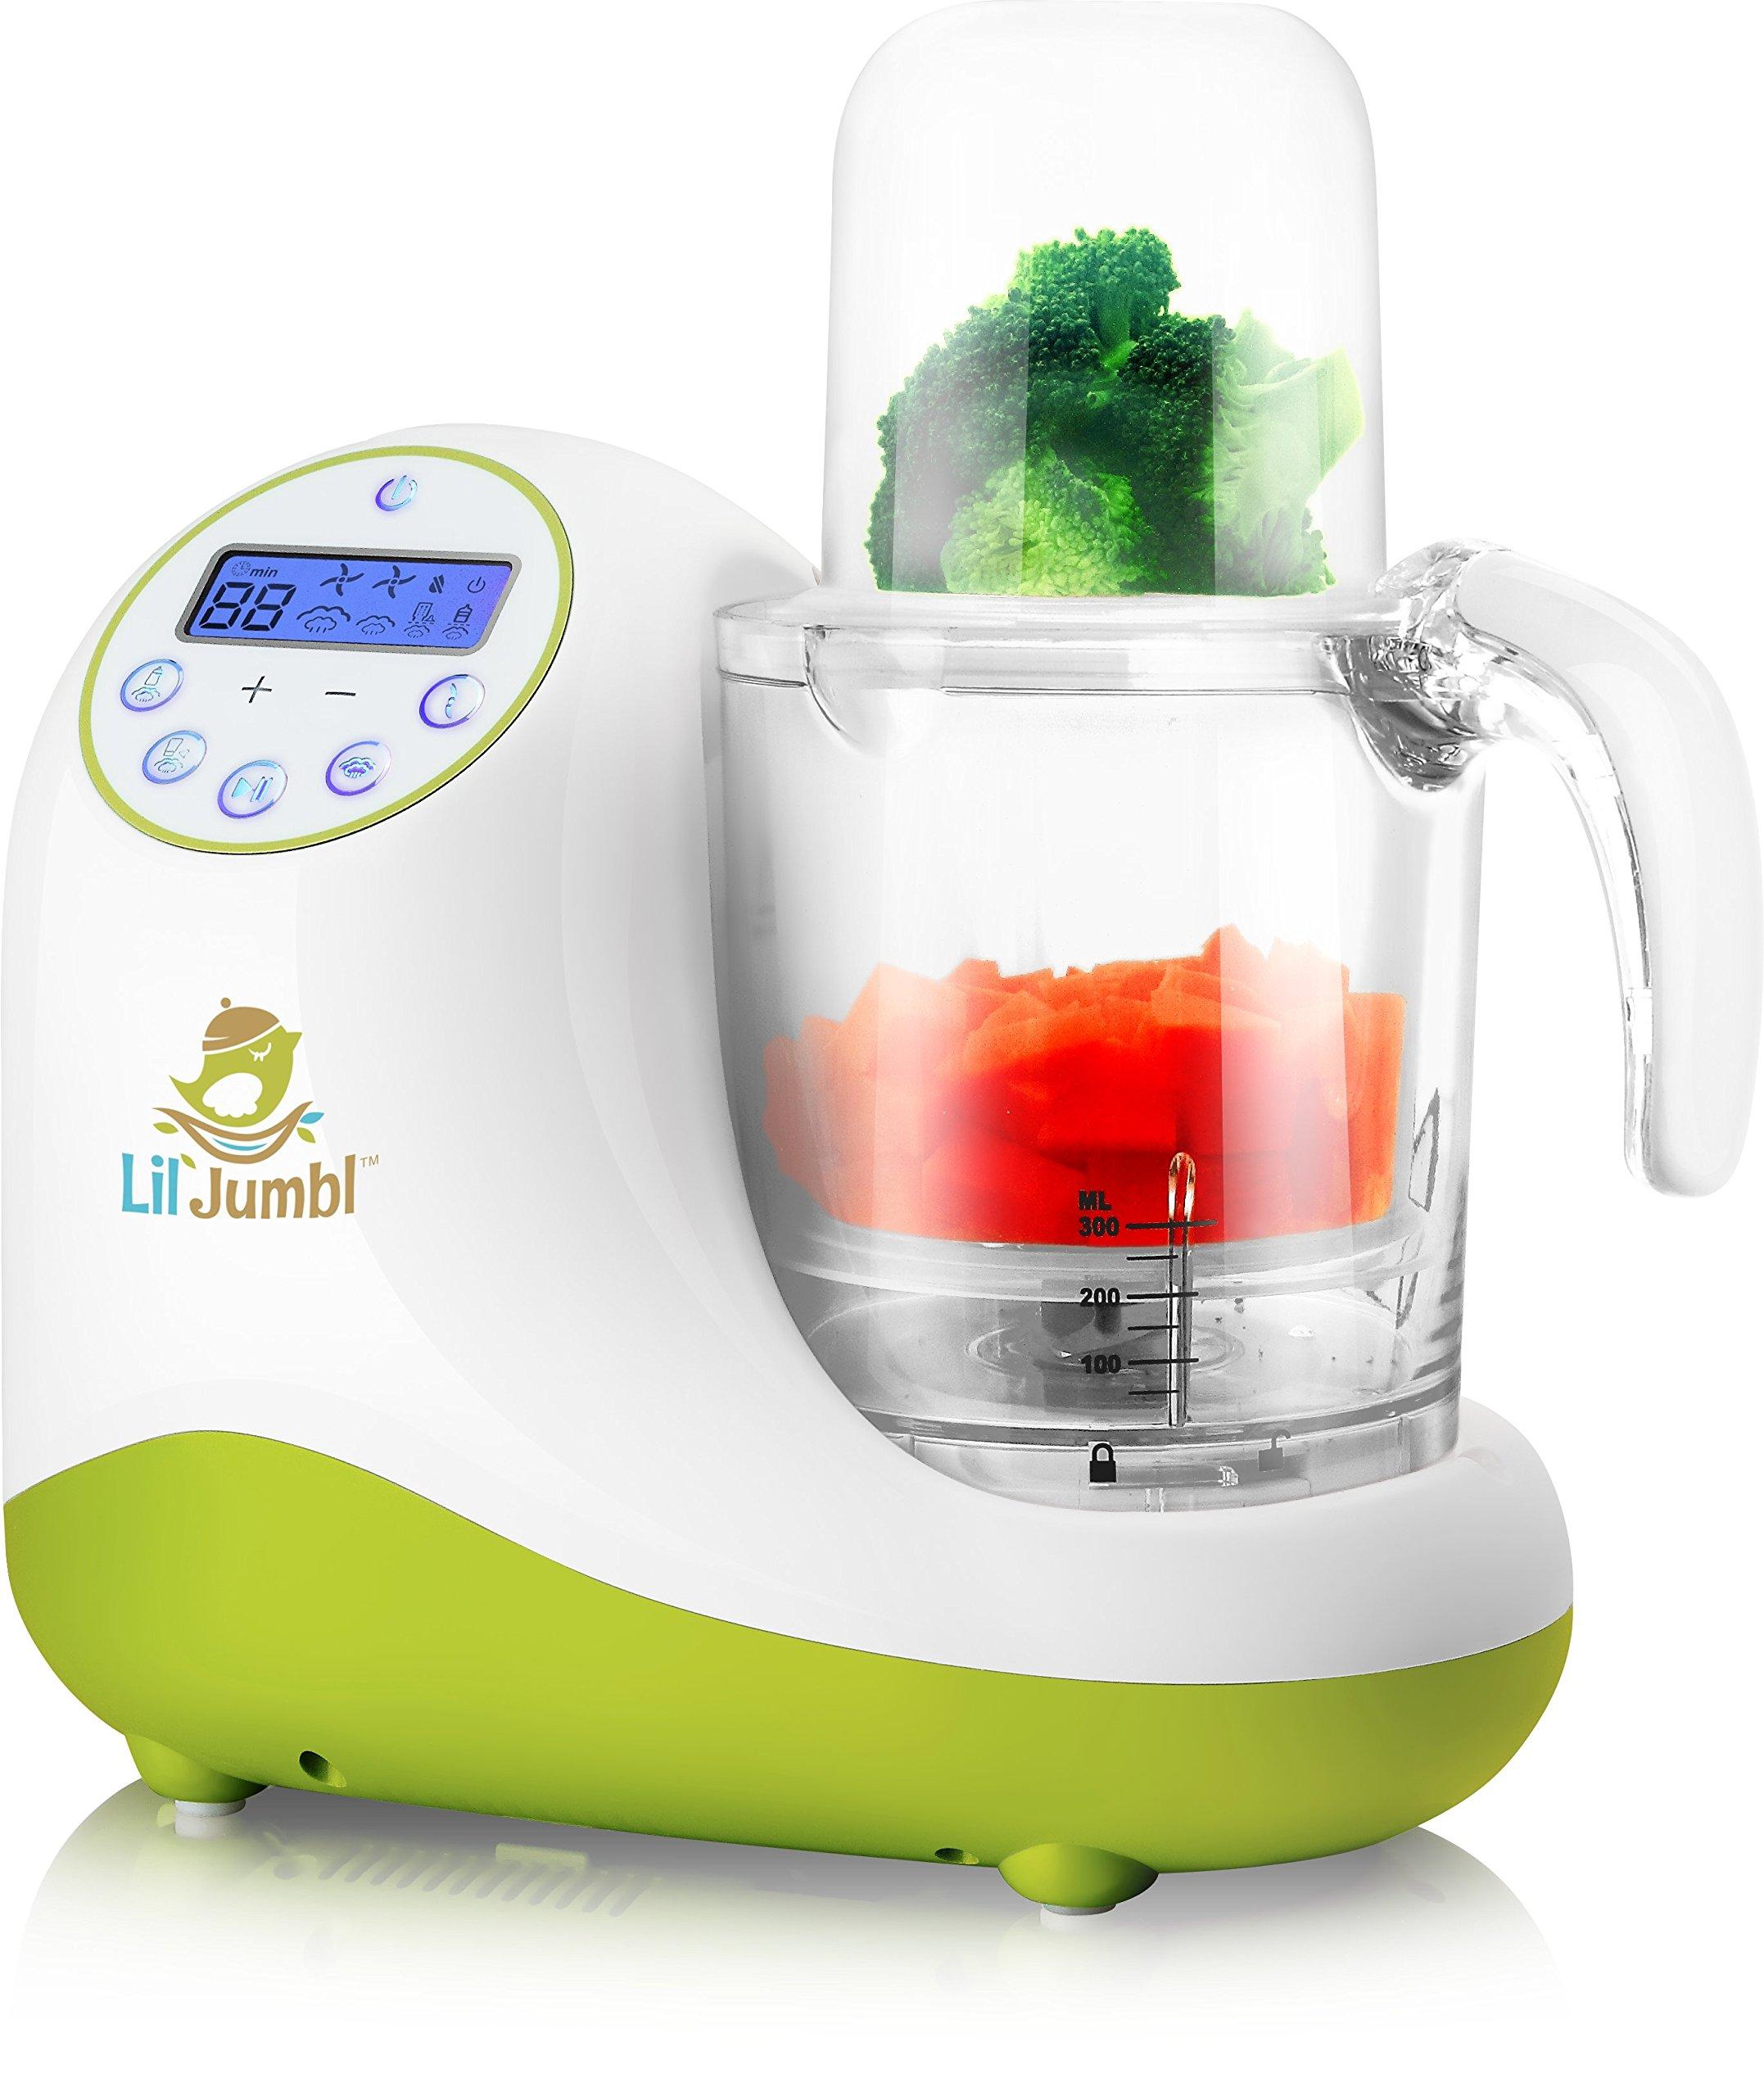 Versatile Baby Food Maker, Mill, Grinder, Blender, Steamer, Reheat, Bottle & Pacifier Warmer & Sterilizer. Digital Controls, LCD Display, Timer & Bowl Lock System. 2 Foods At Once.